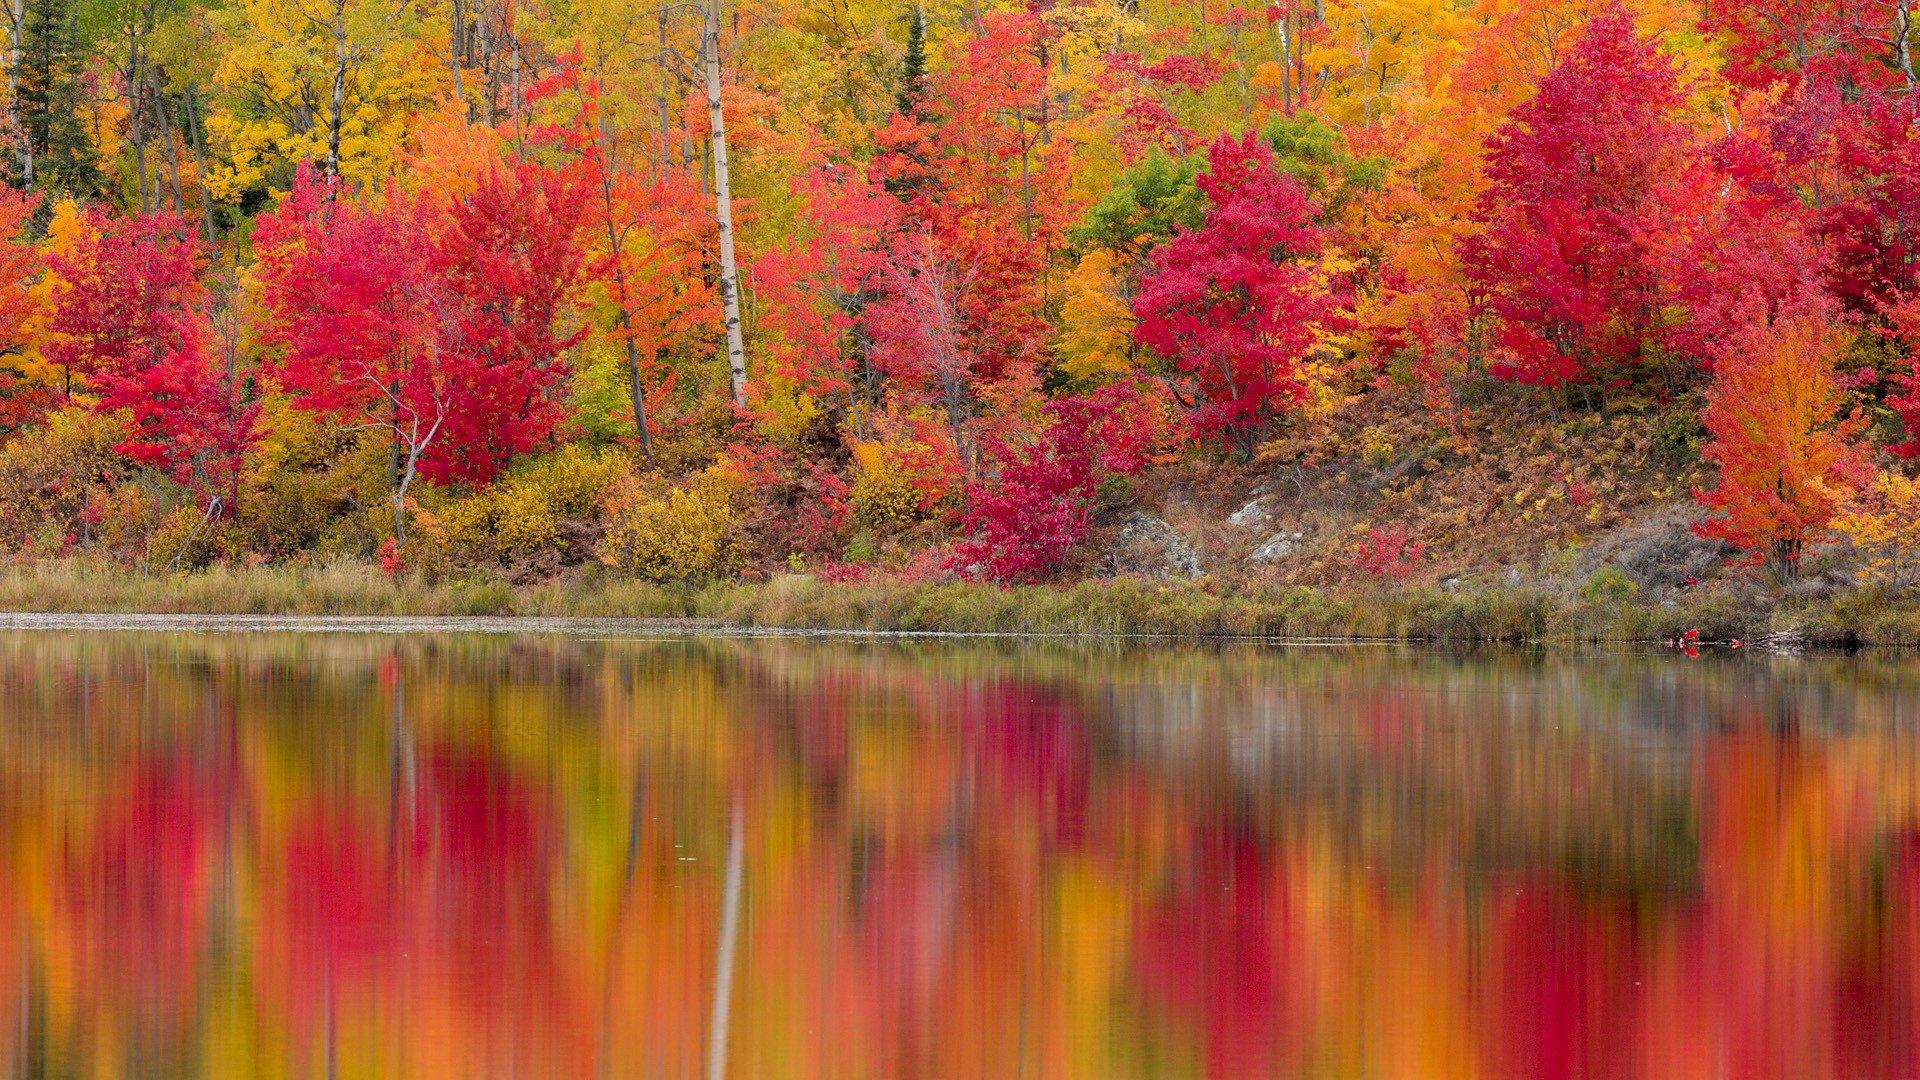 природа деревья река отражение осень nature trees river reflection autumn бесплатно